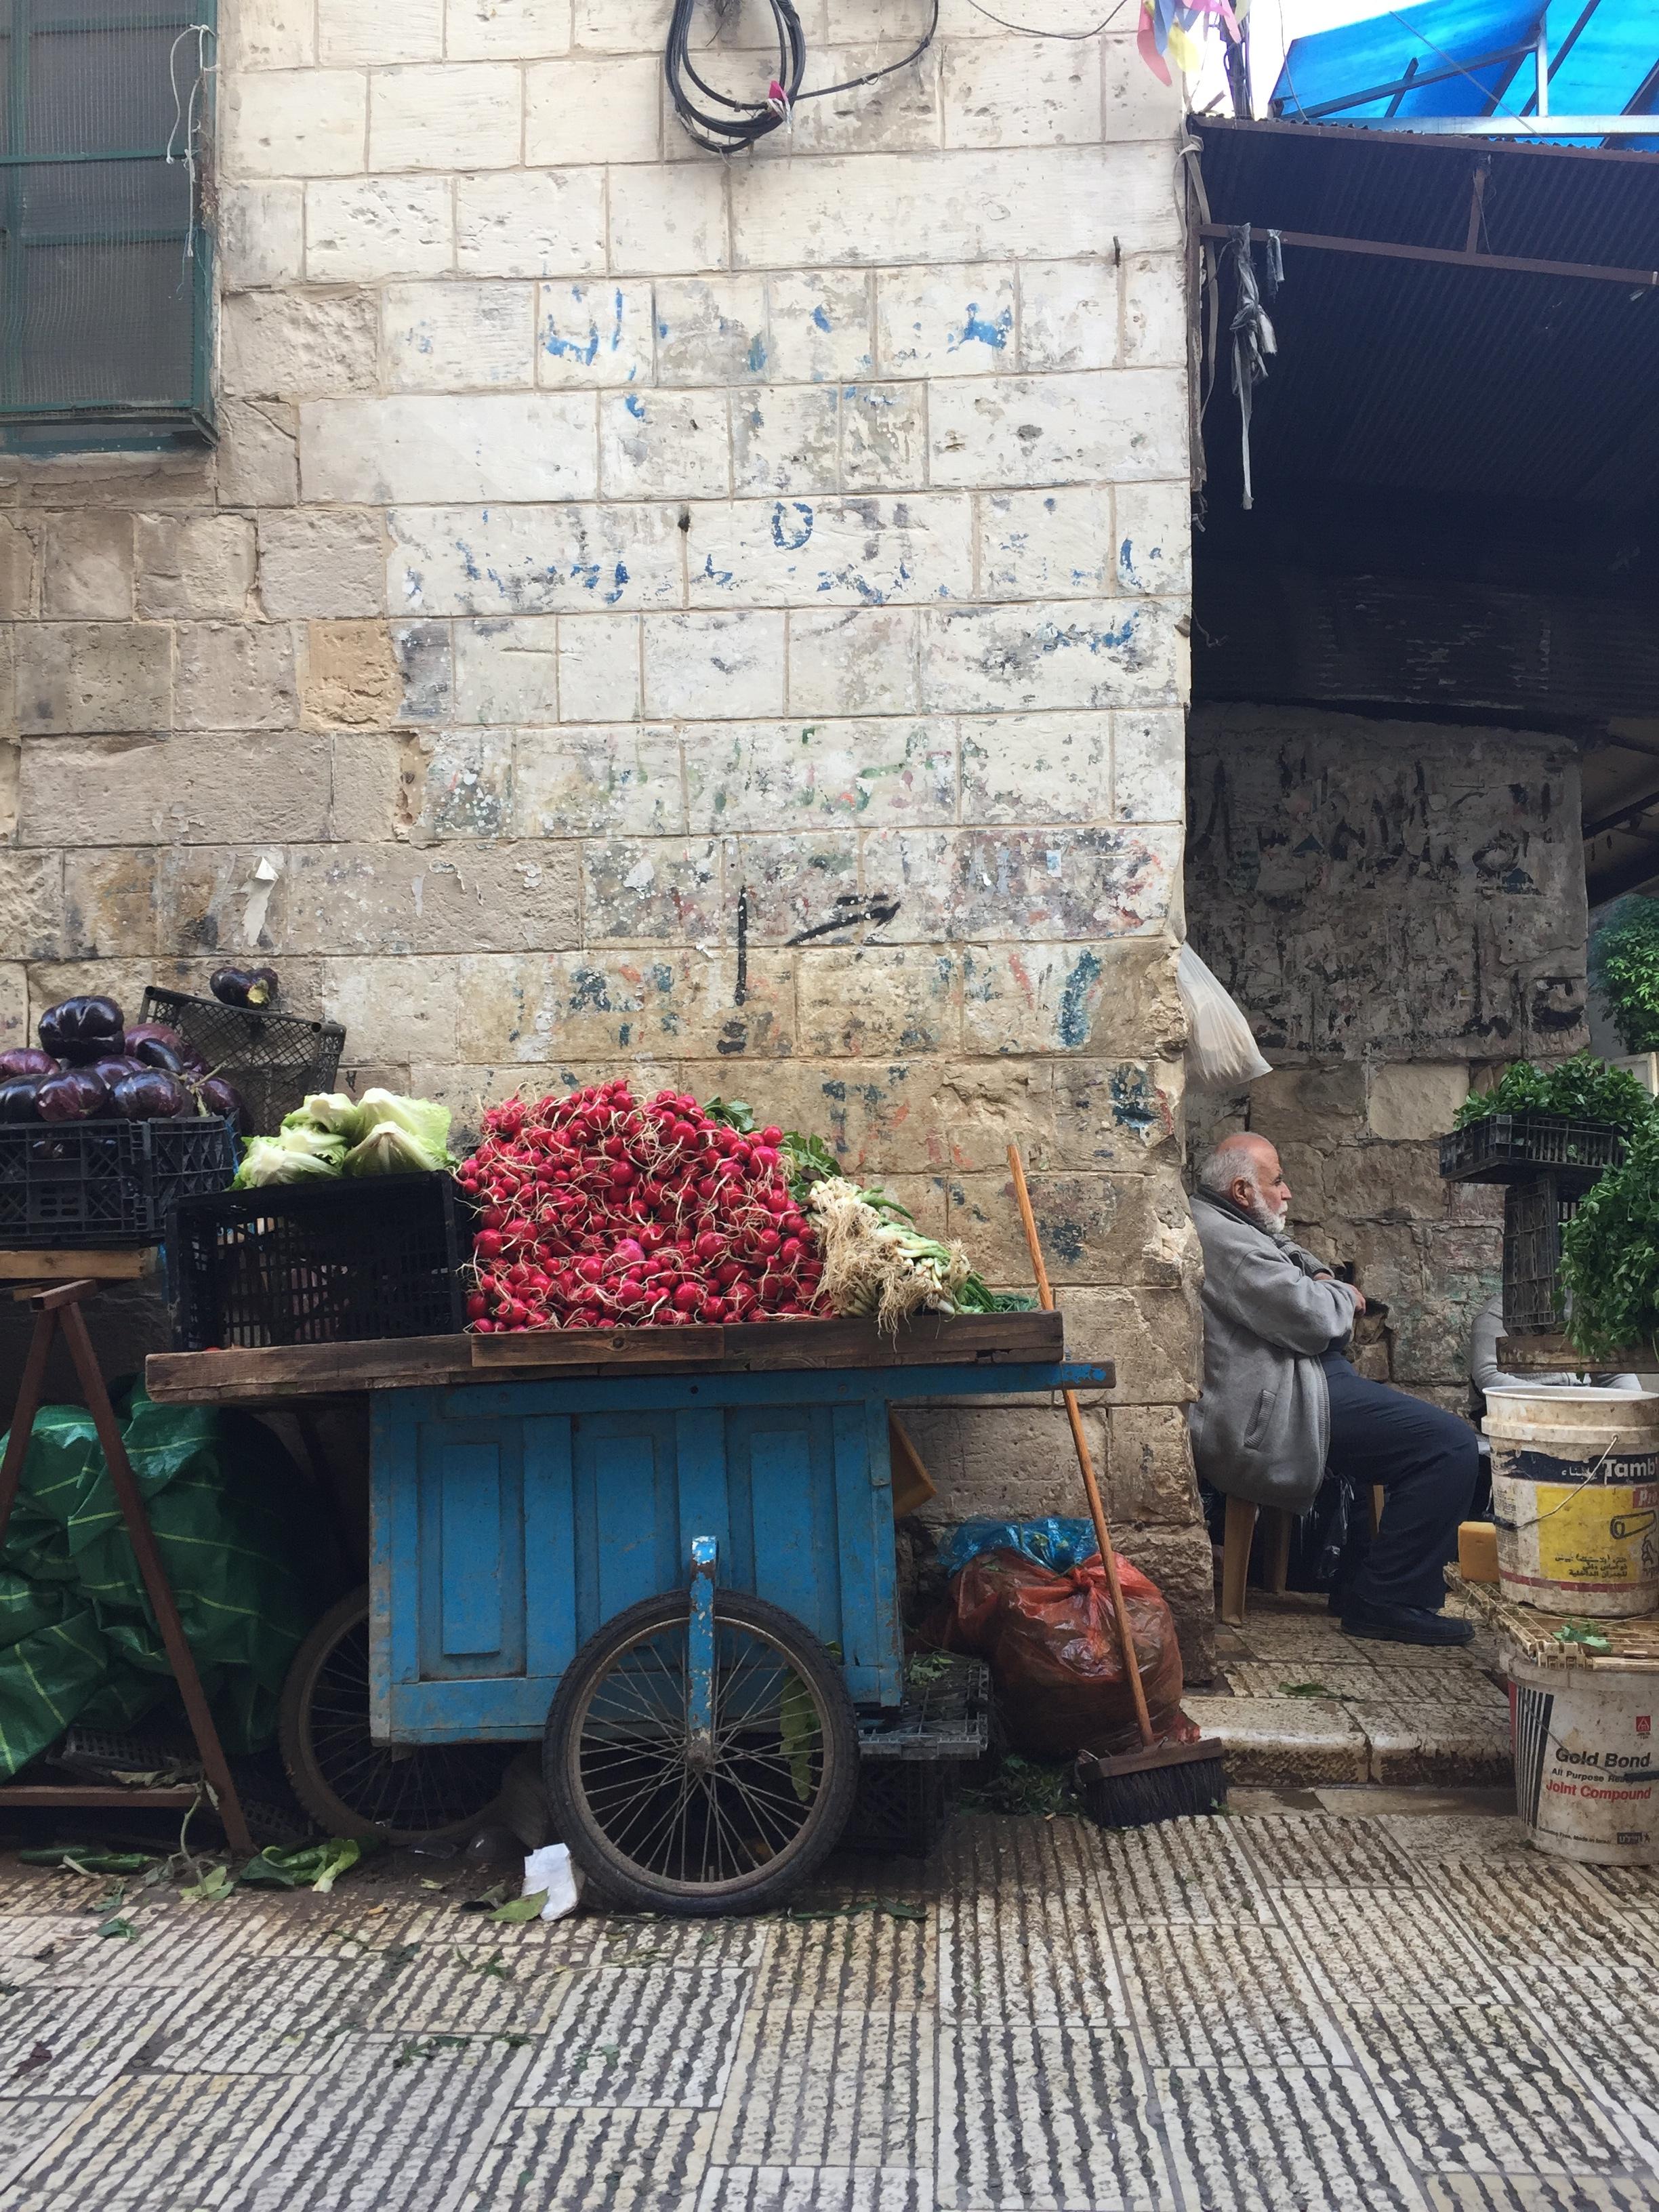 Try Wonder Erasmus Exchange Israel - Nablus in 10 Images 5 - Old city stall